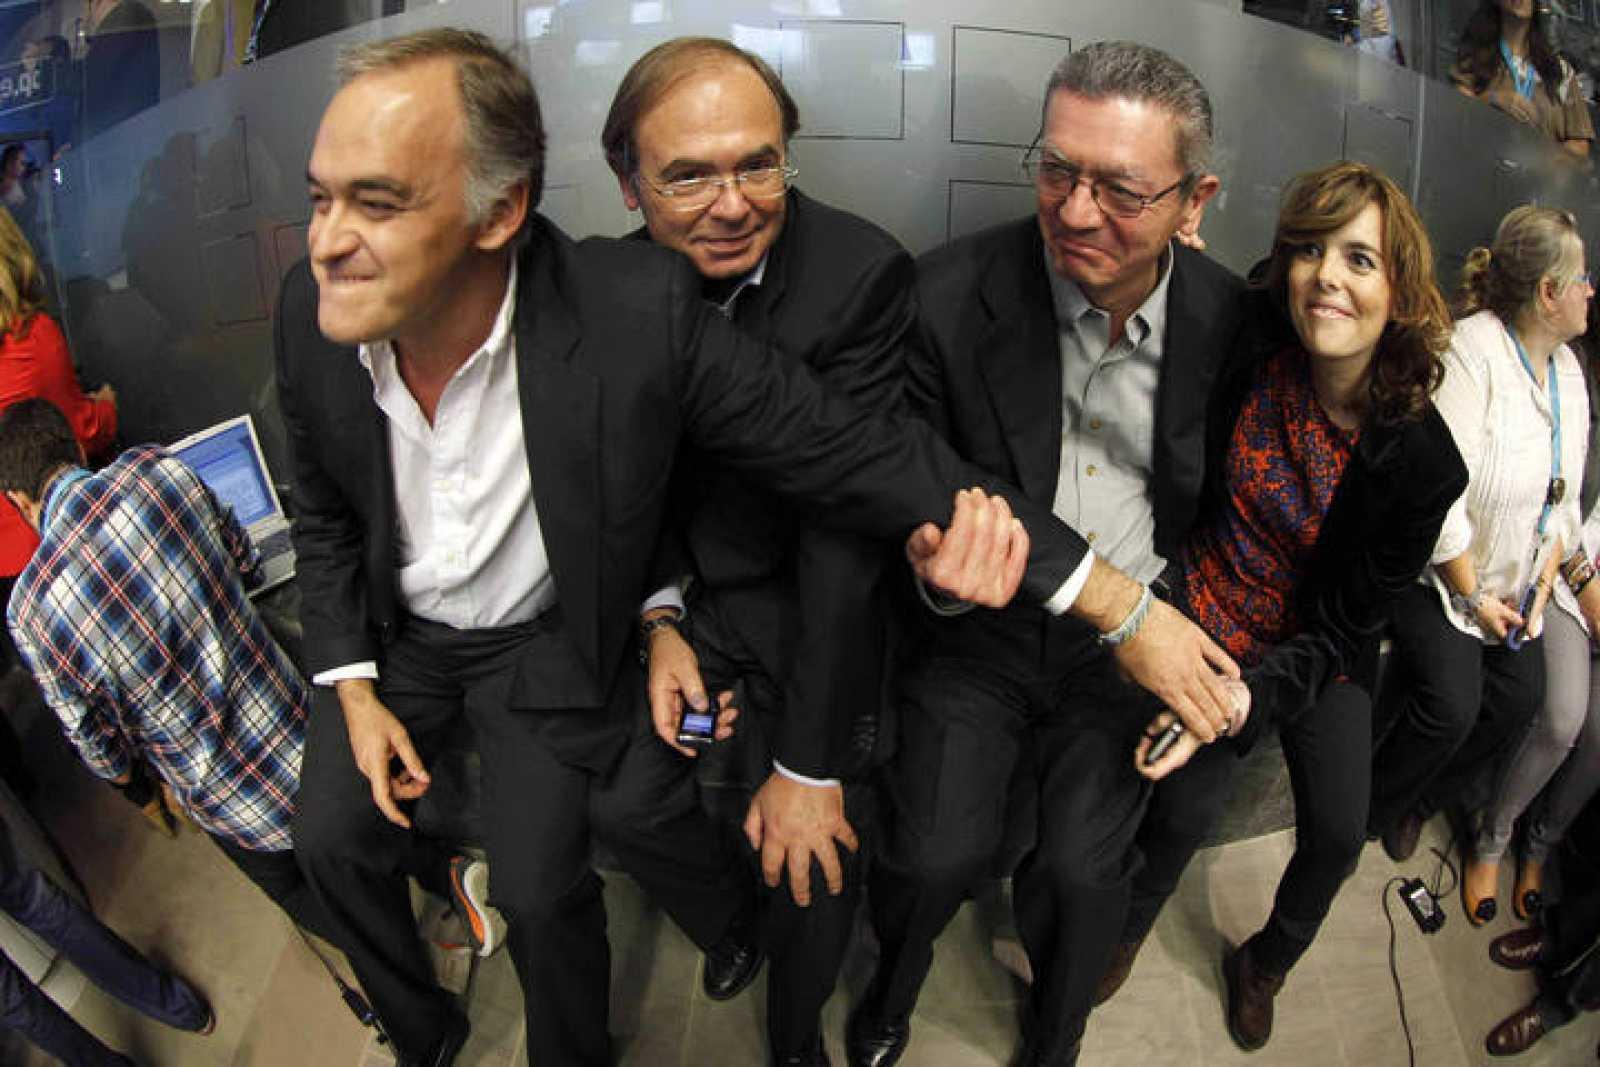 El portavoz popular en el Senado, Pío García-Escudero, segundo por la izquierda, acompañado de Esteban González Pons, Alberto Ruiz Gallardón y Soraya Sáenz de Santamaría, celebran la victoria electoral del PP en la sede de la calle Génova, en Madrid.